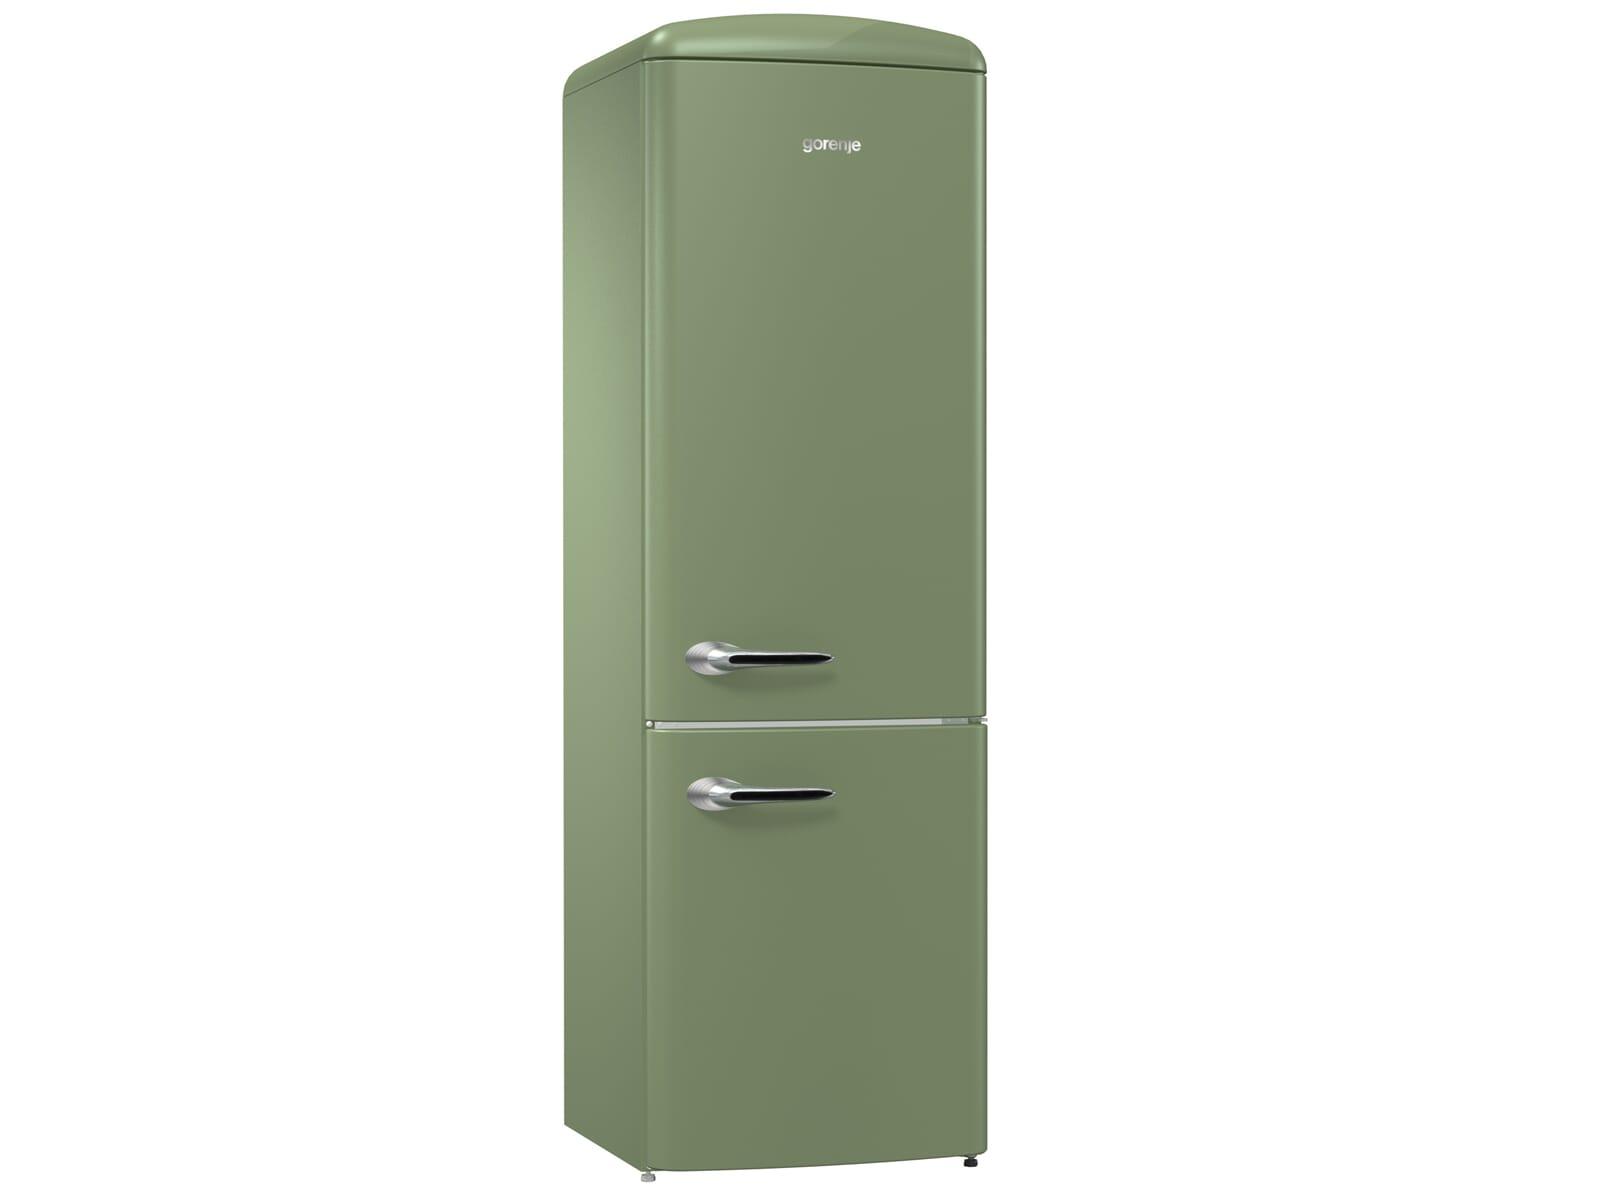 Gorenje Kühlschrank Ion Air : Gorenje ork ol kühl gefrierkombination olive